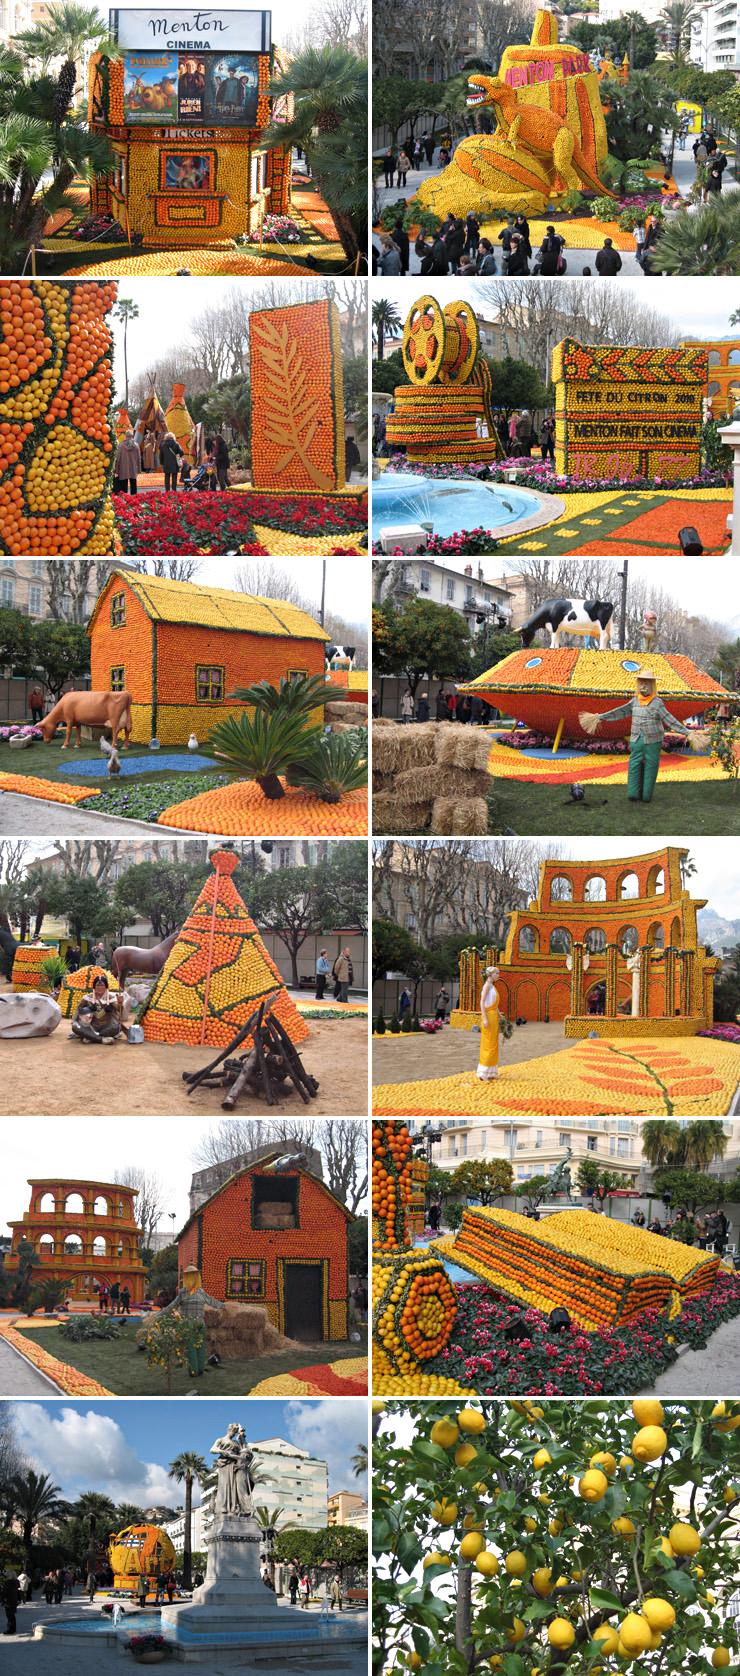 туры во Францию, тур на карнавал в Ницце, автобусные туры по Европе из Украины, авиатур во Францию, поехать на французский карнавал